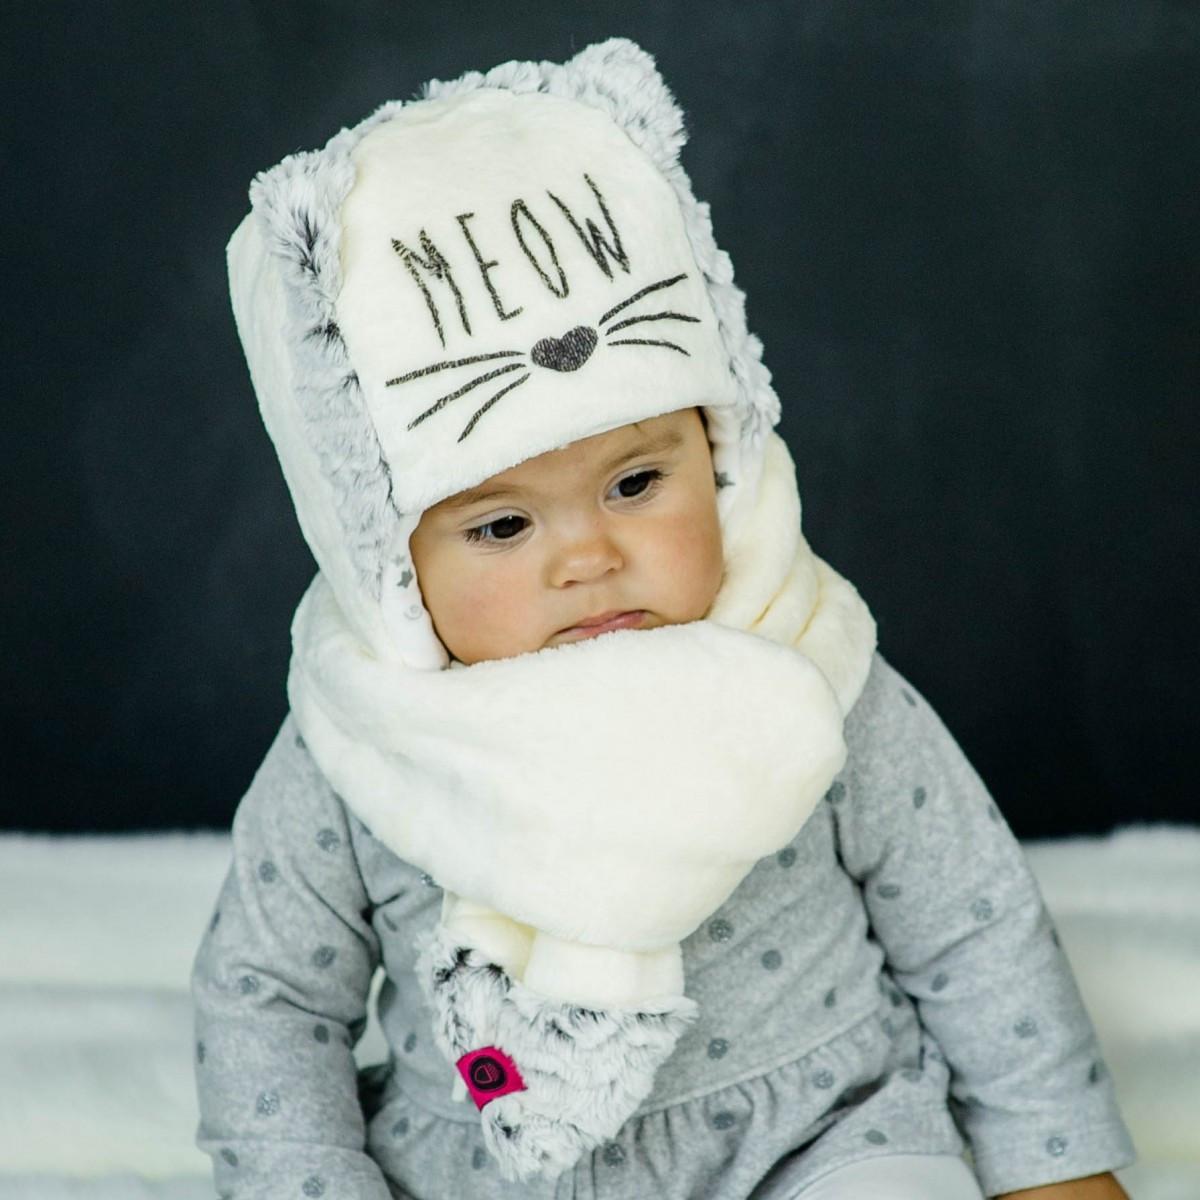 Детская зимняя шапка (набор) для девочек МЯУ (молочный) размер 42 ... d03bedfe02757